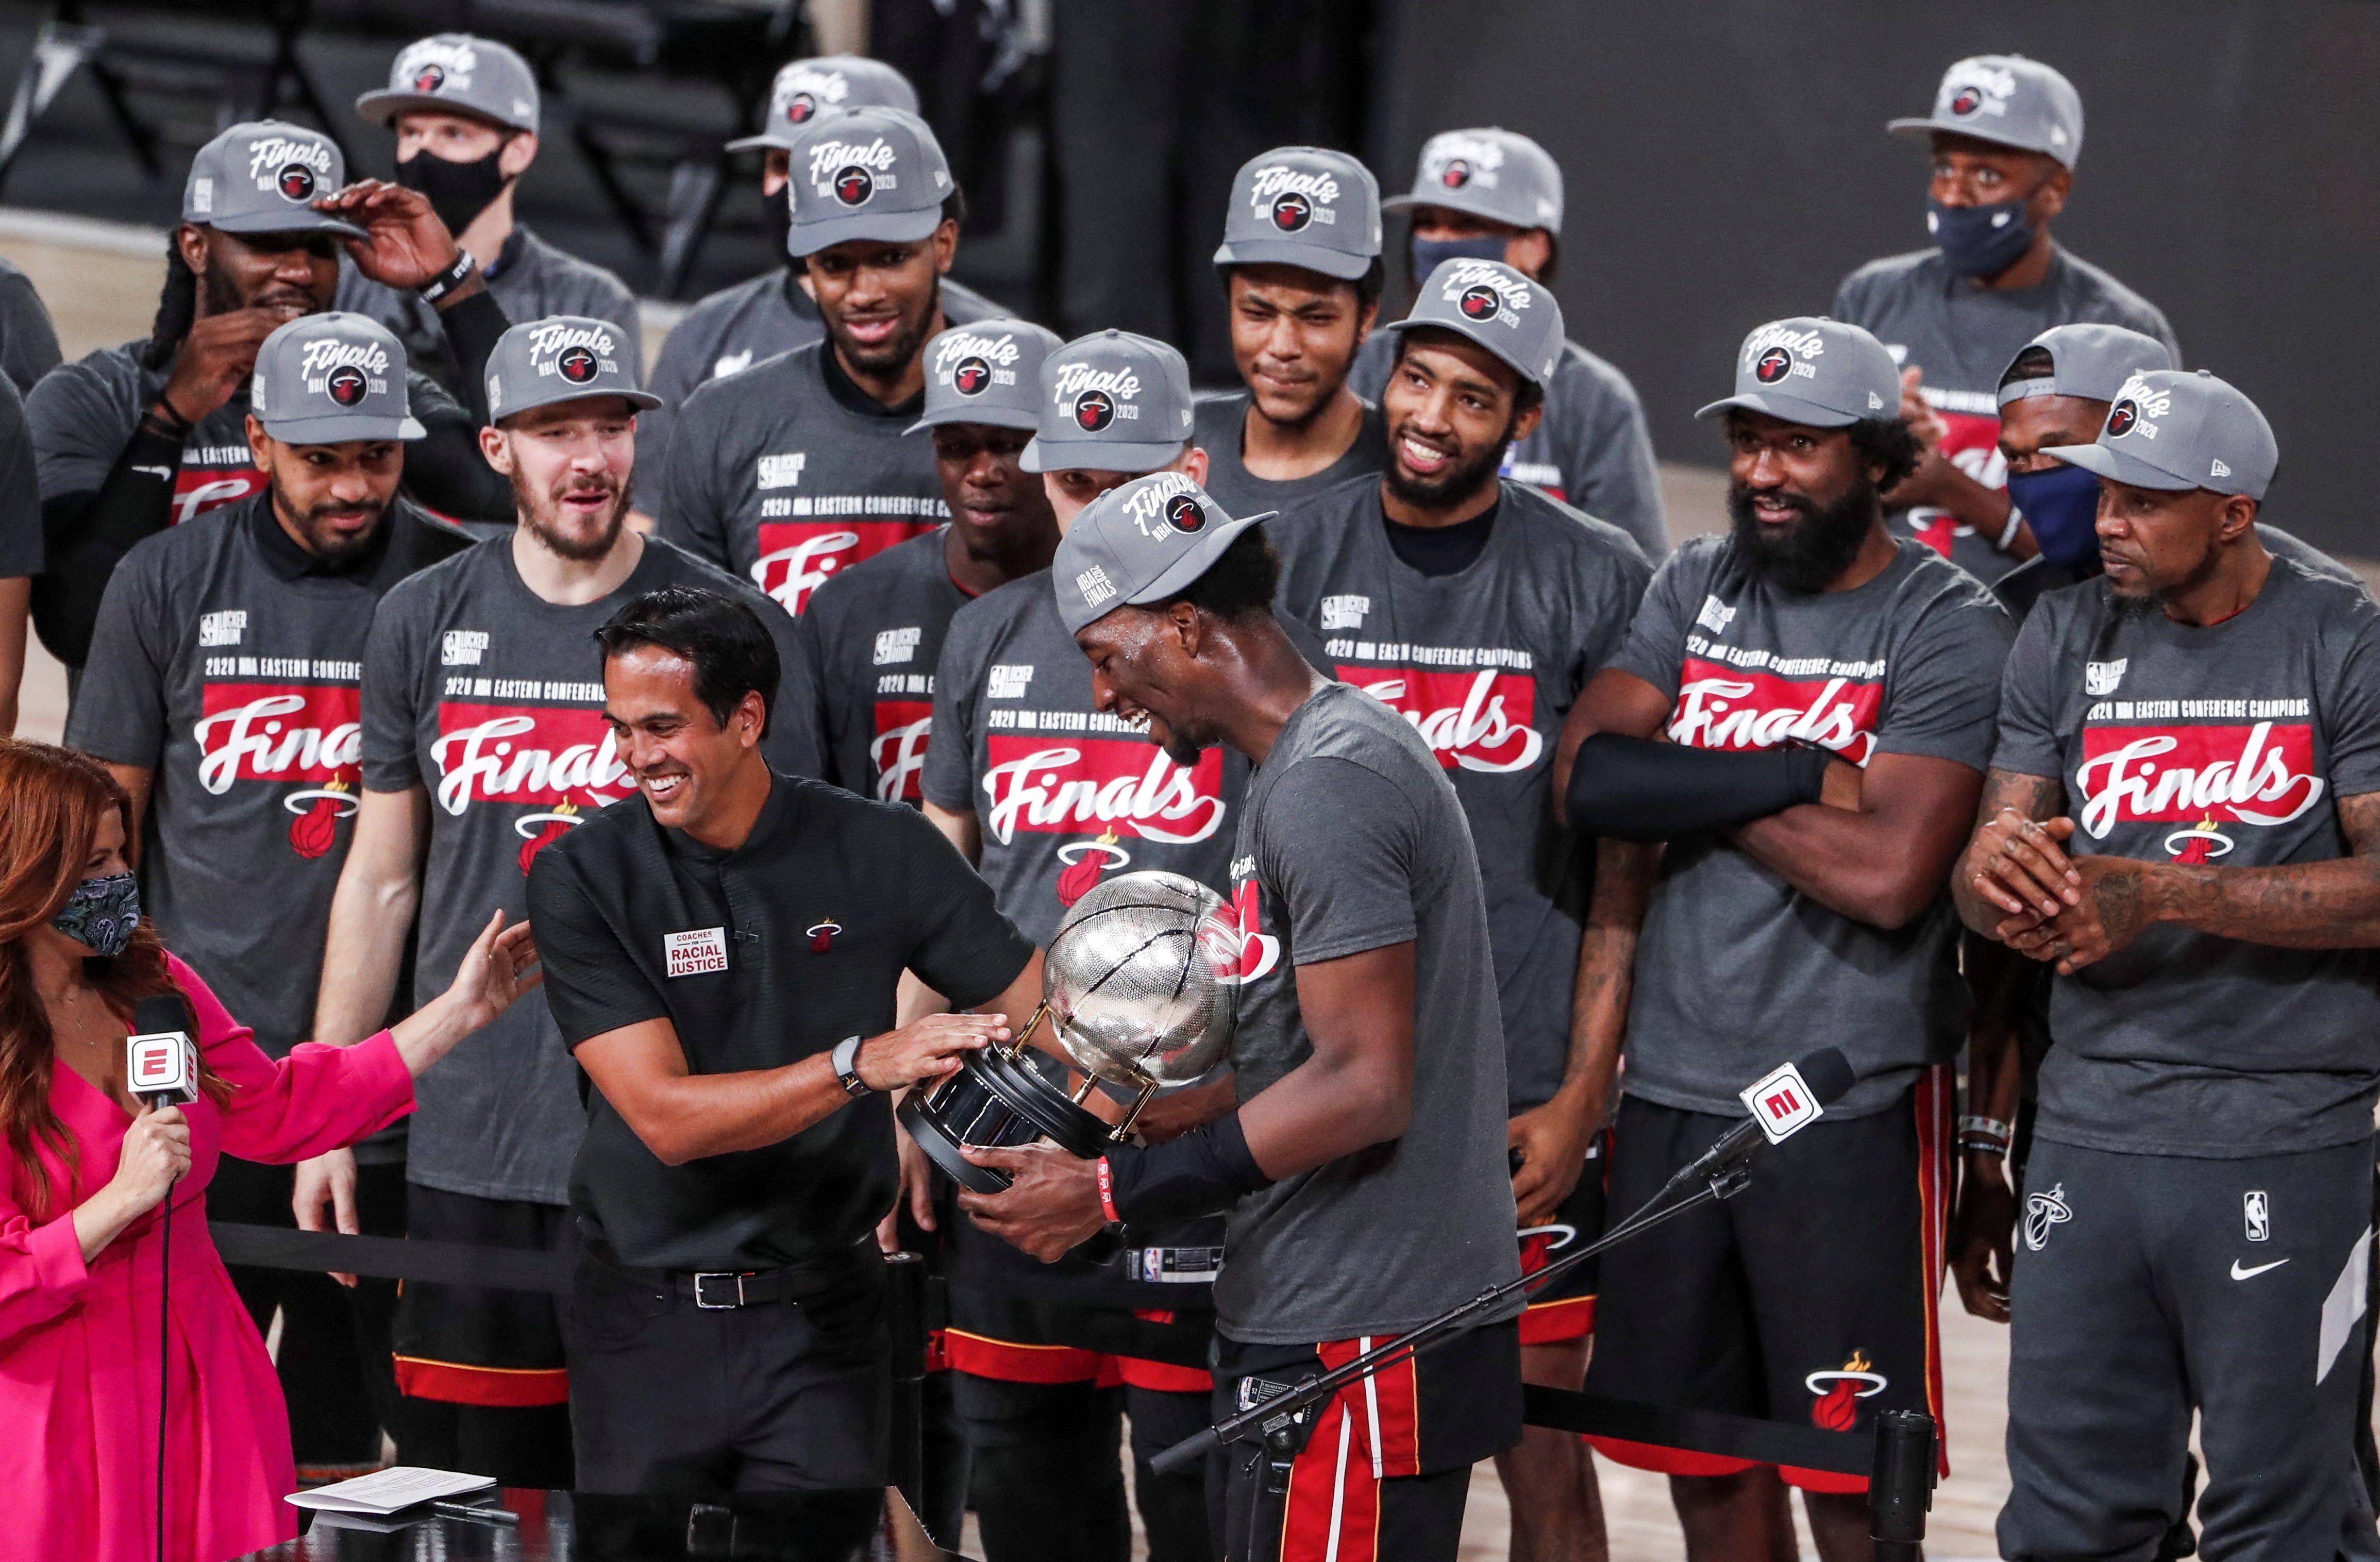 El Heat se consagró campeón del Este tras vencer a los Boston Celtics (EFE/Erik S. Lesser)